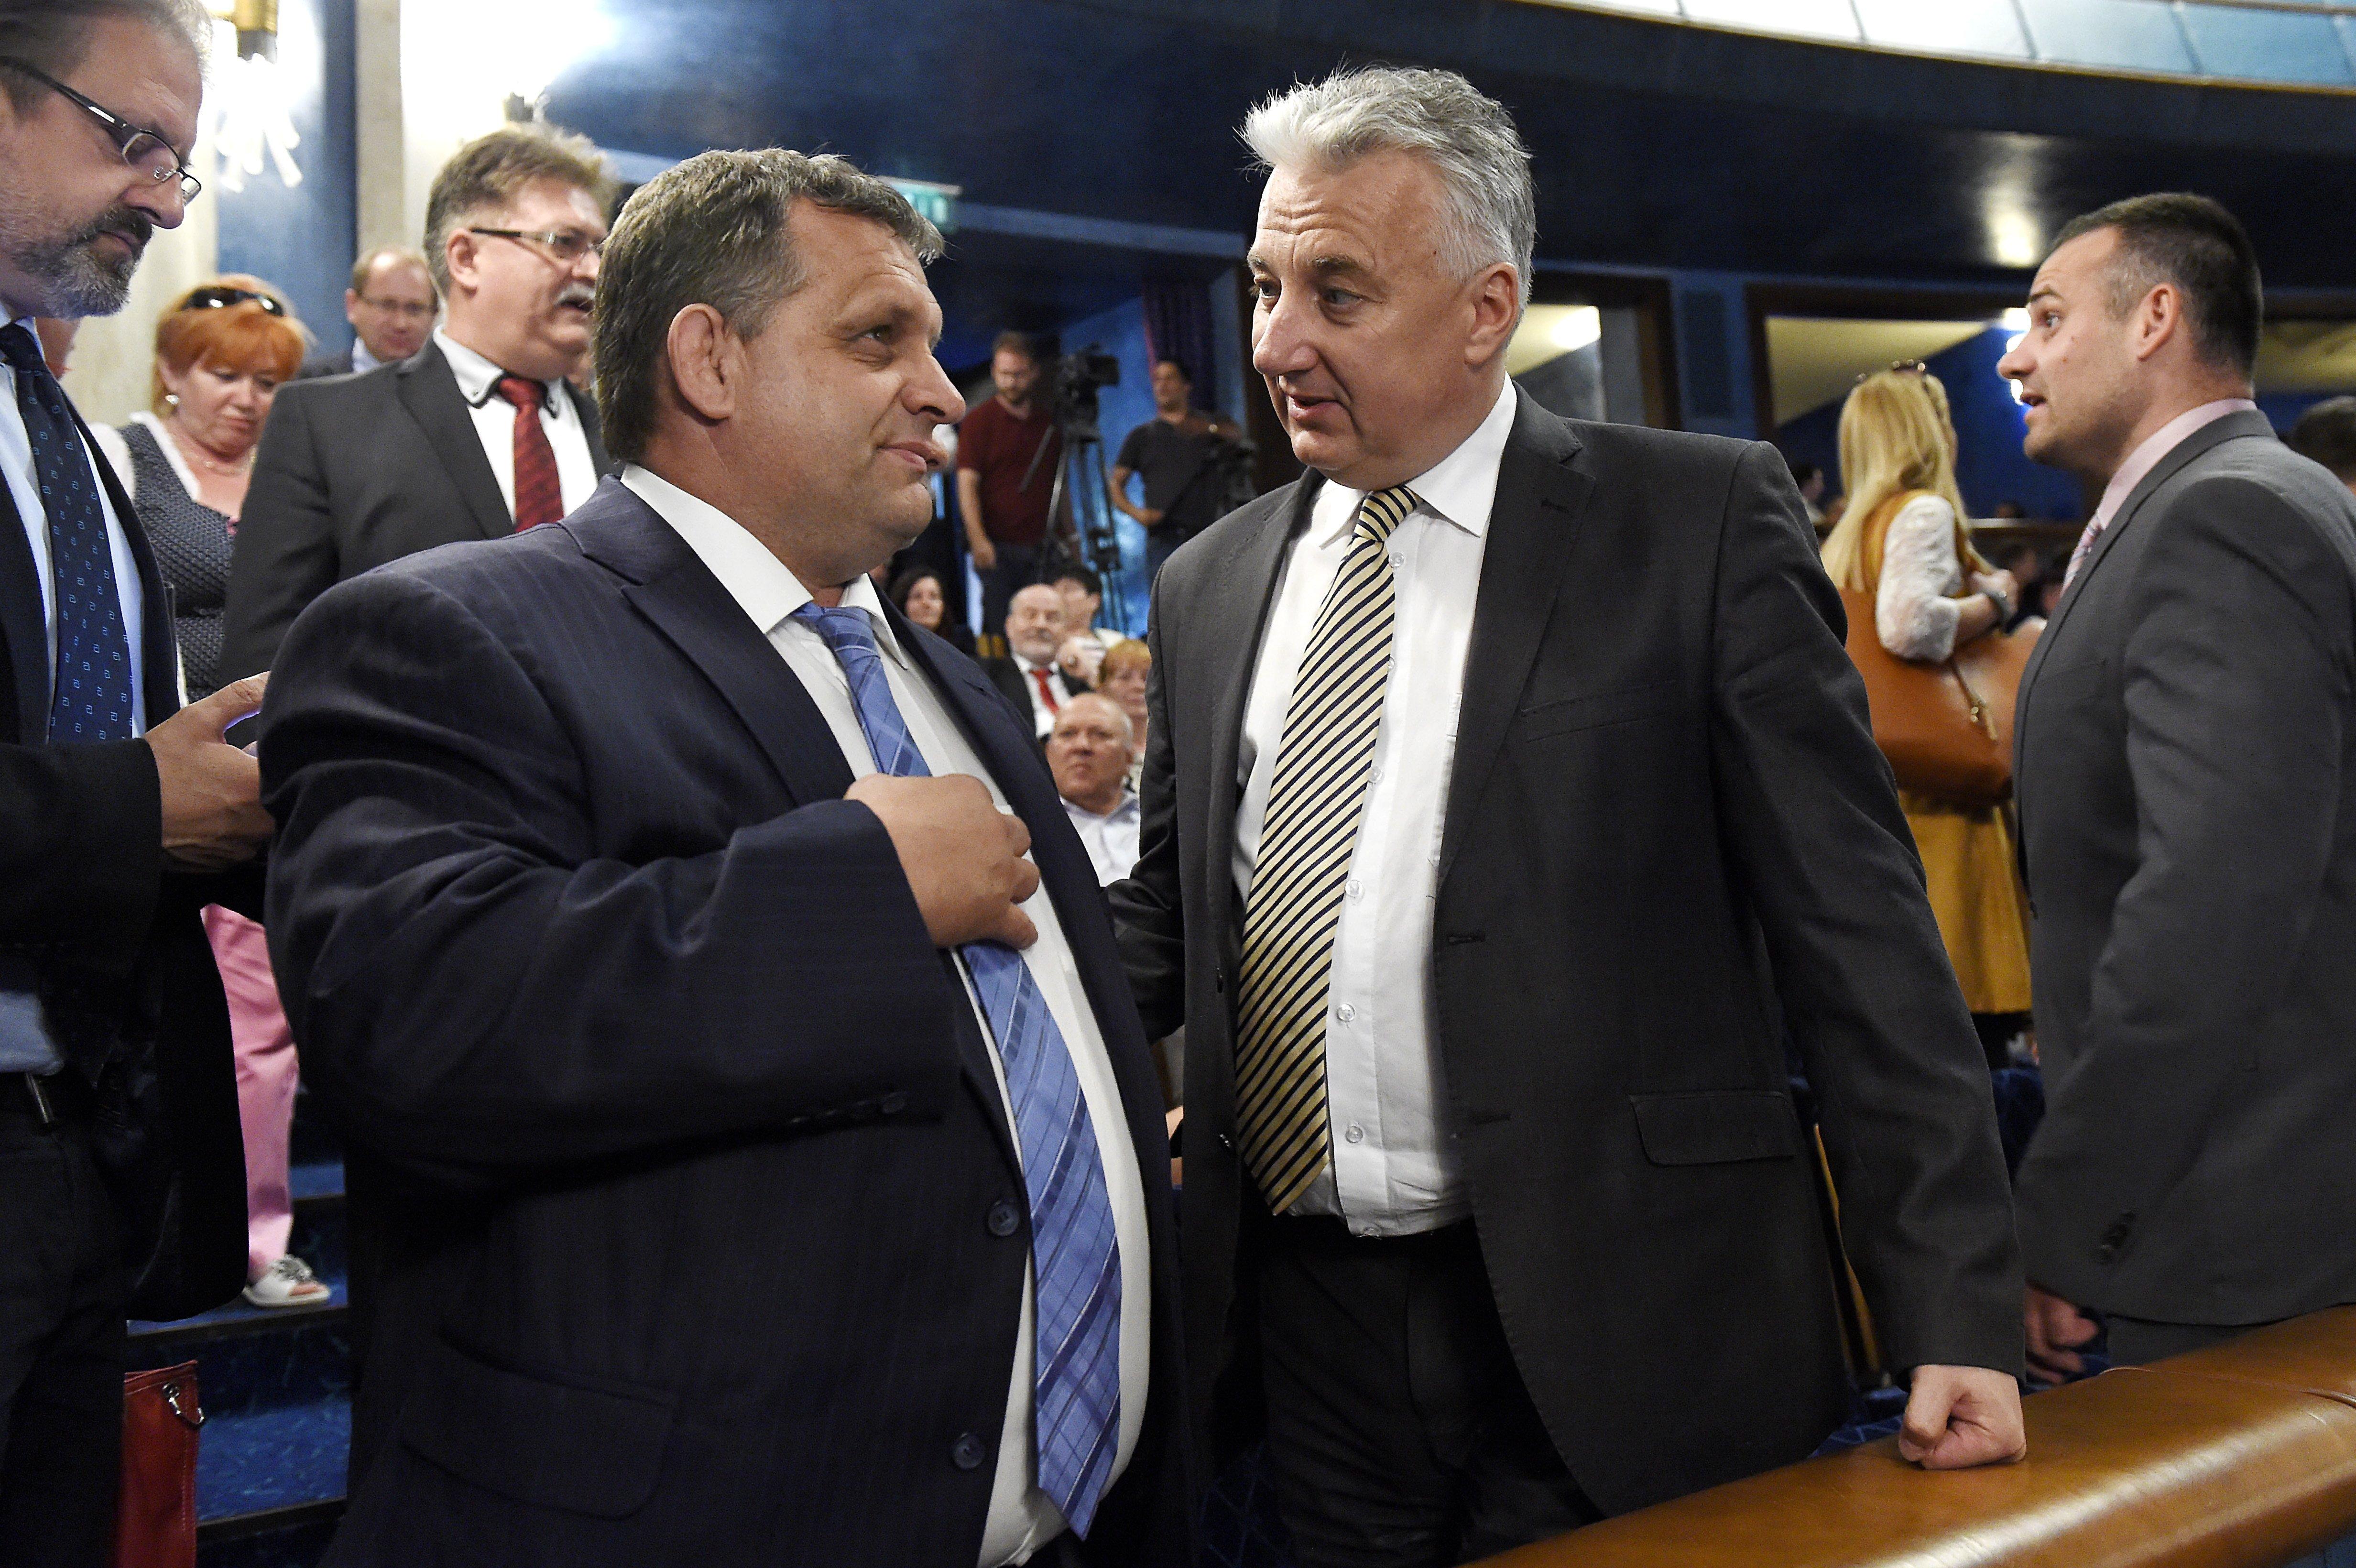 Megint nagyértékű EU-támogatást kapott Orbán testvérének cége